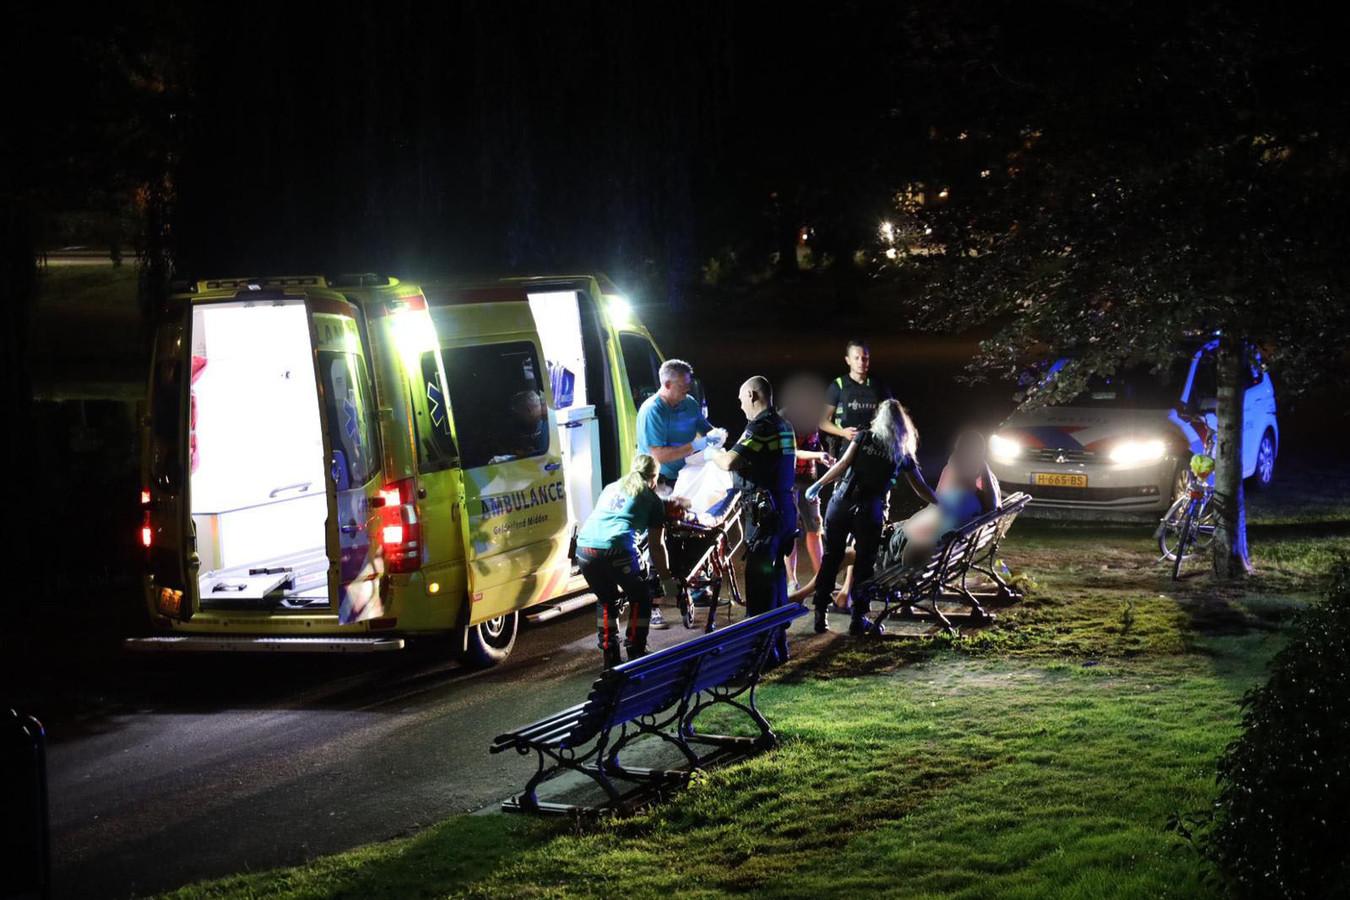 Een man raakte vrijdagavond ernstig gewond bij een geweldincident in het Musispark in Arnhem.